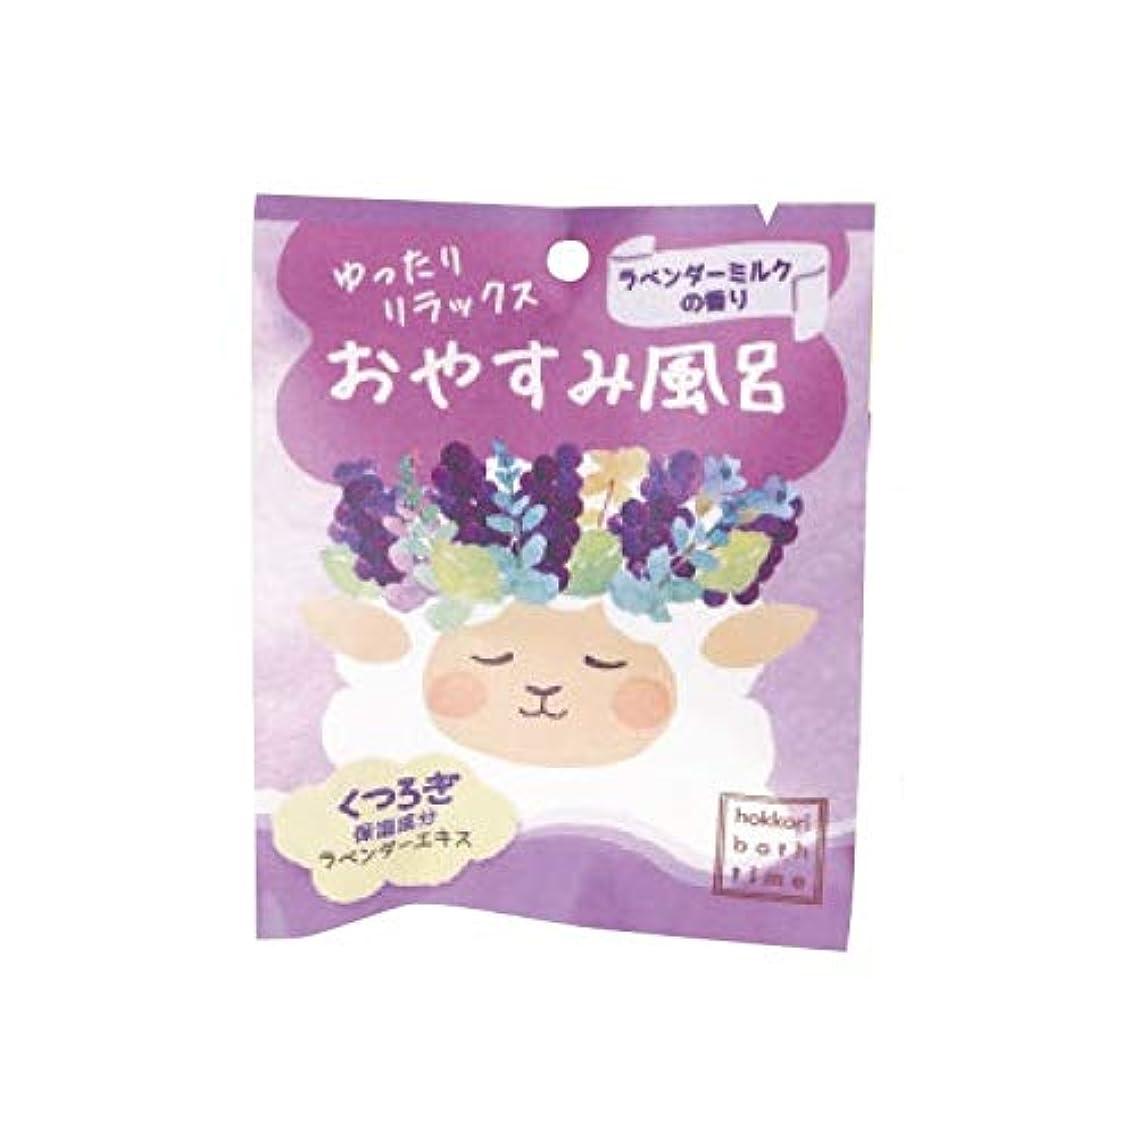 セント動詞申し立てるほっこりバスタイム おやすみ風呂 ラベンダーミルクの香り OB-HKR-1-3 ノルコーポレーション